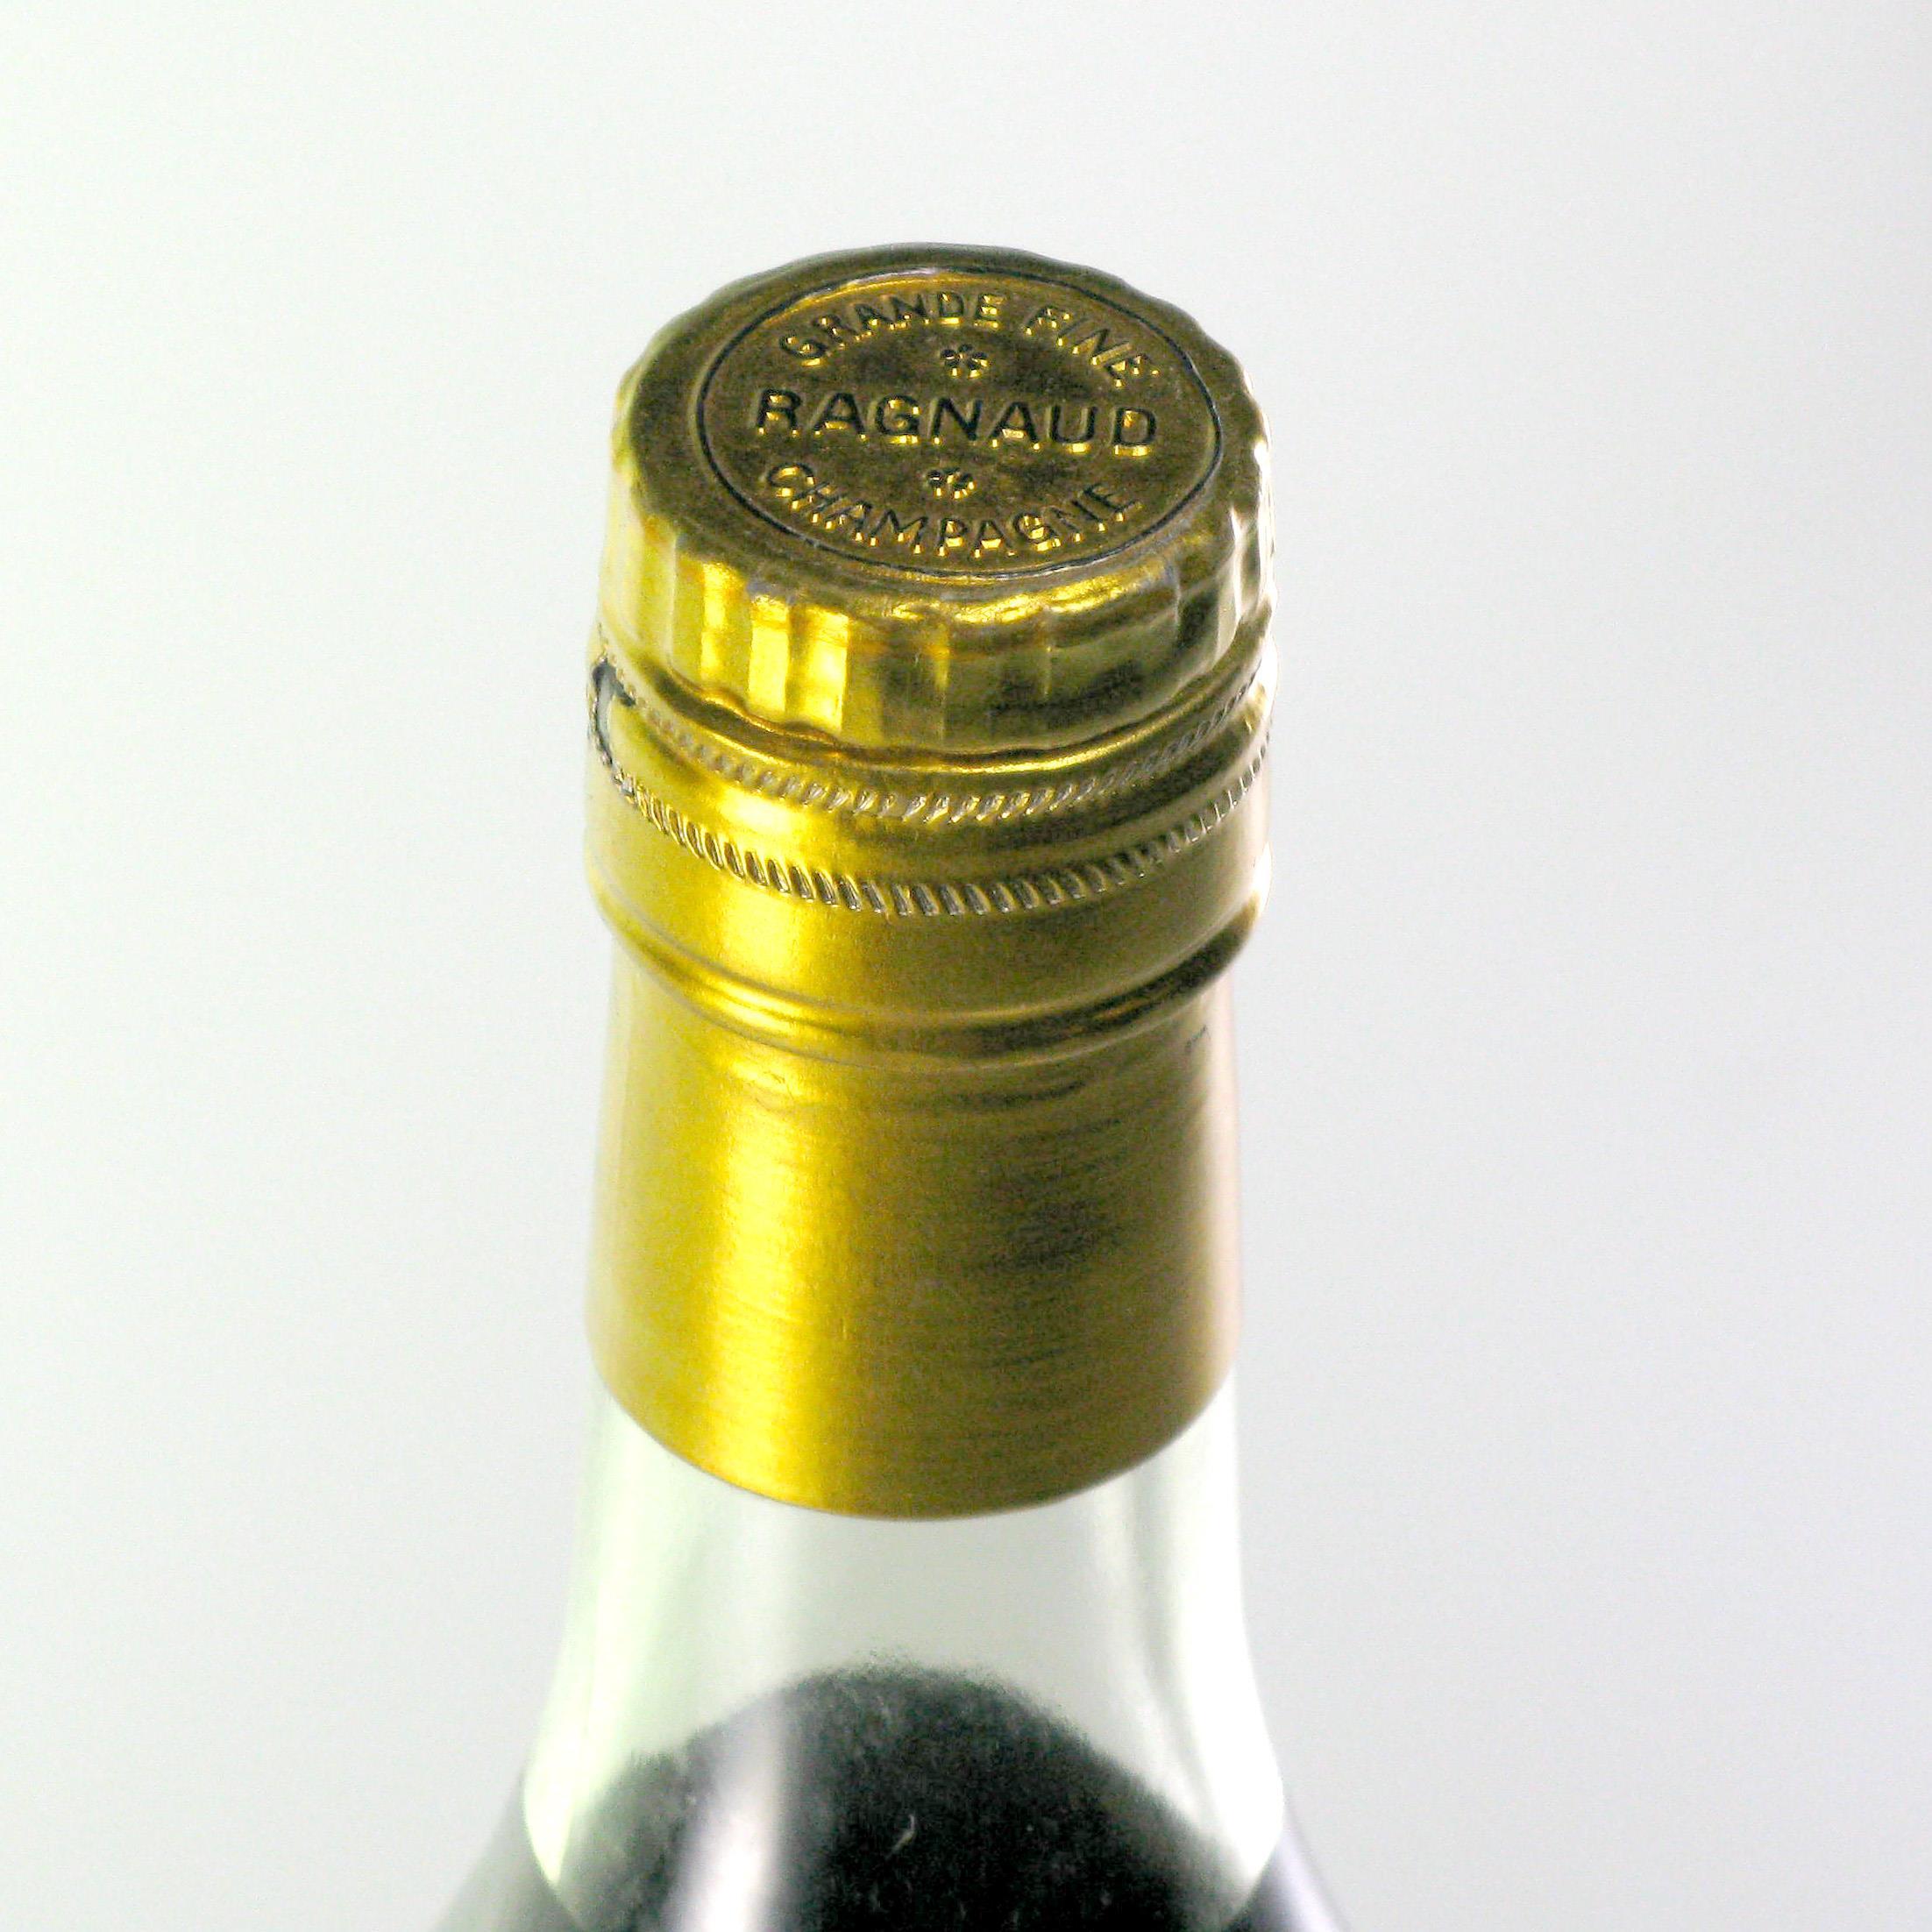 Cognac 1925 Ragnaud